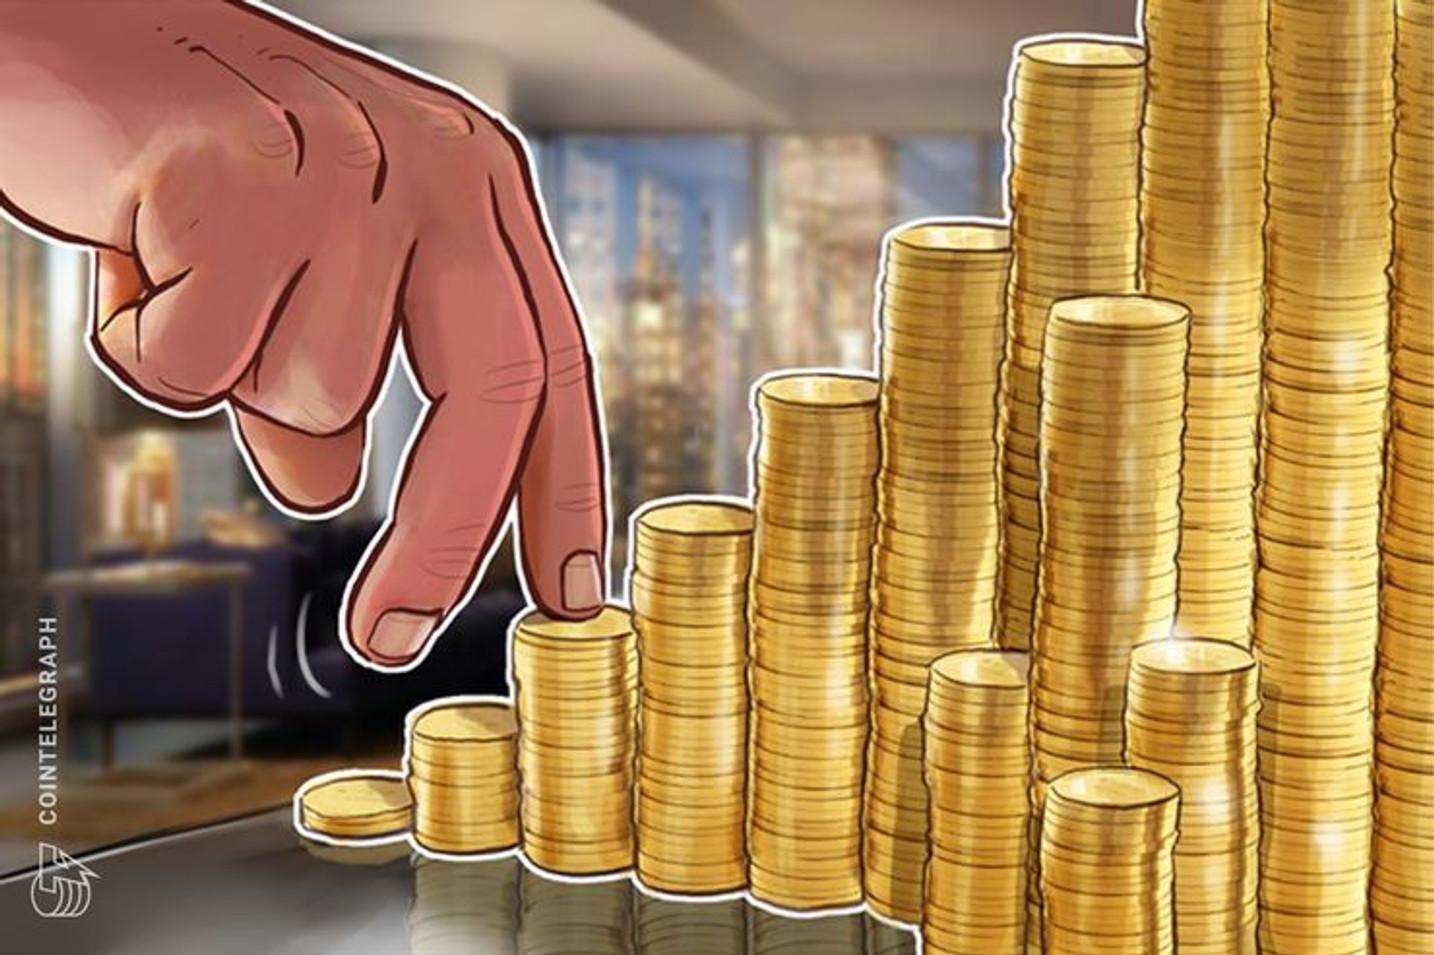 Criptofirma es acusada de fraude, engañando a un inversionista para que compre USD 2 millones en tokens